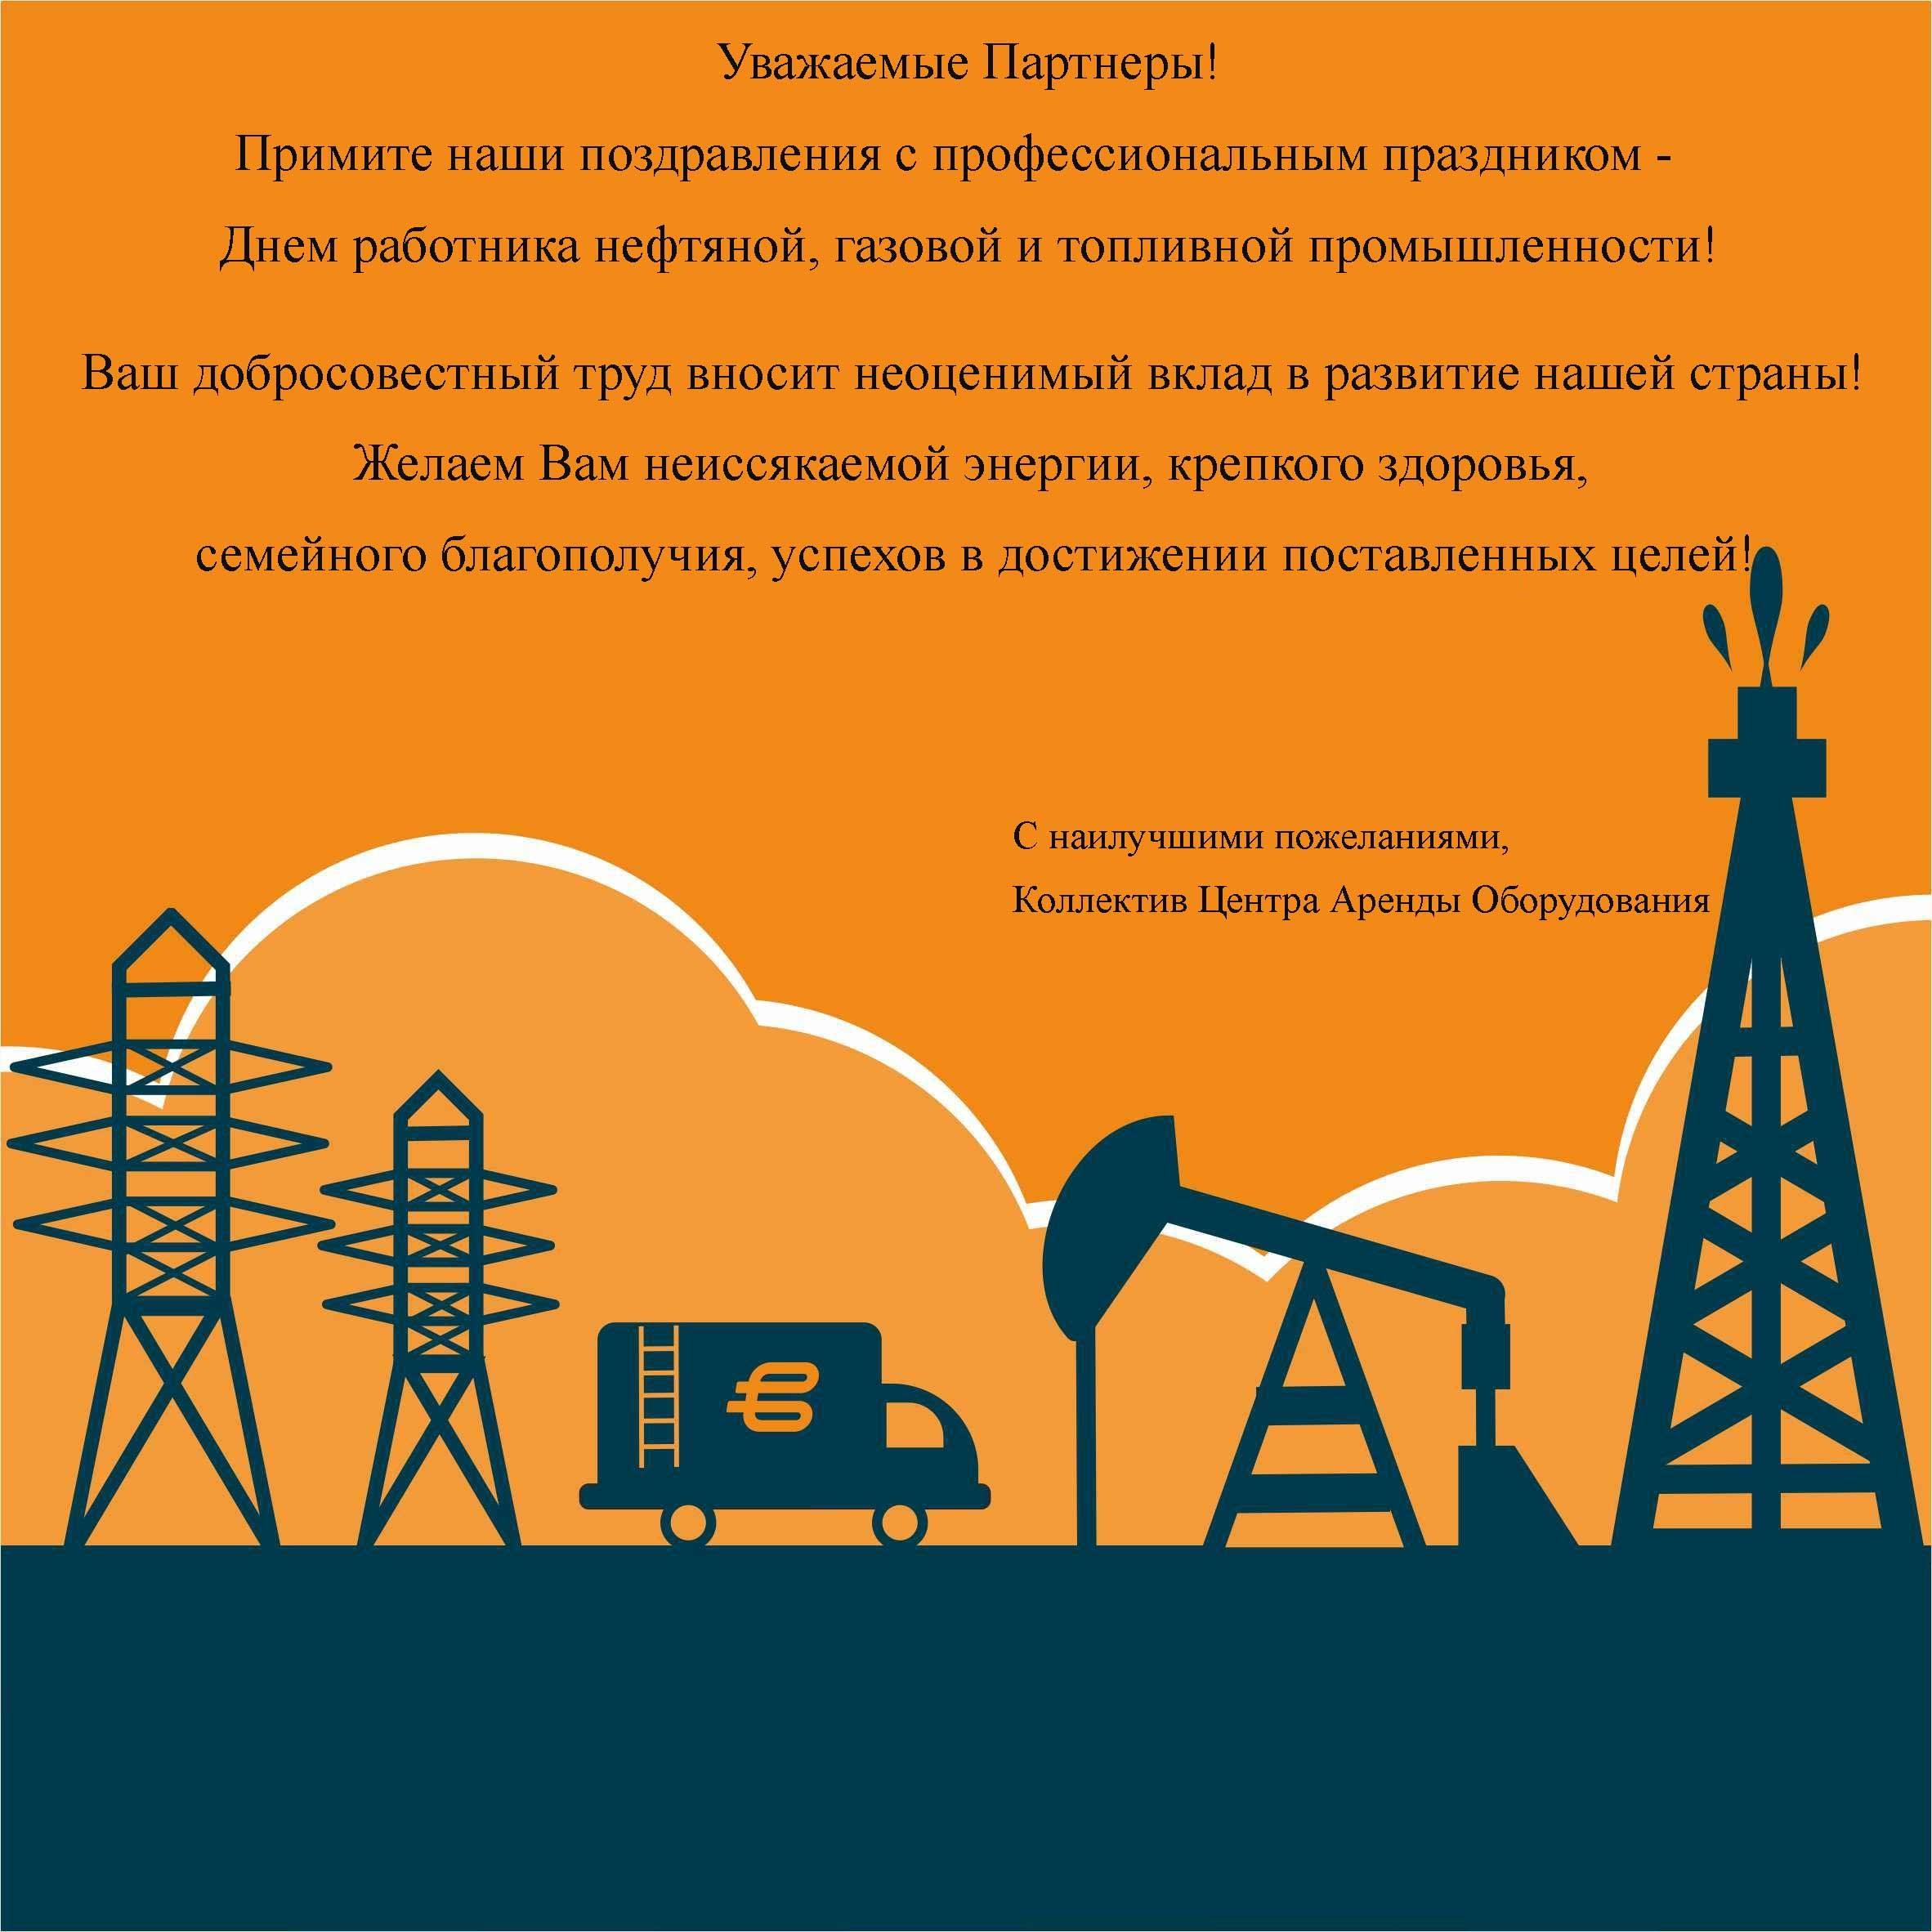 Поздравления с днем нефтяной и топливной промышленности